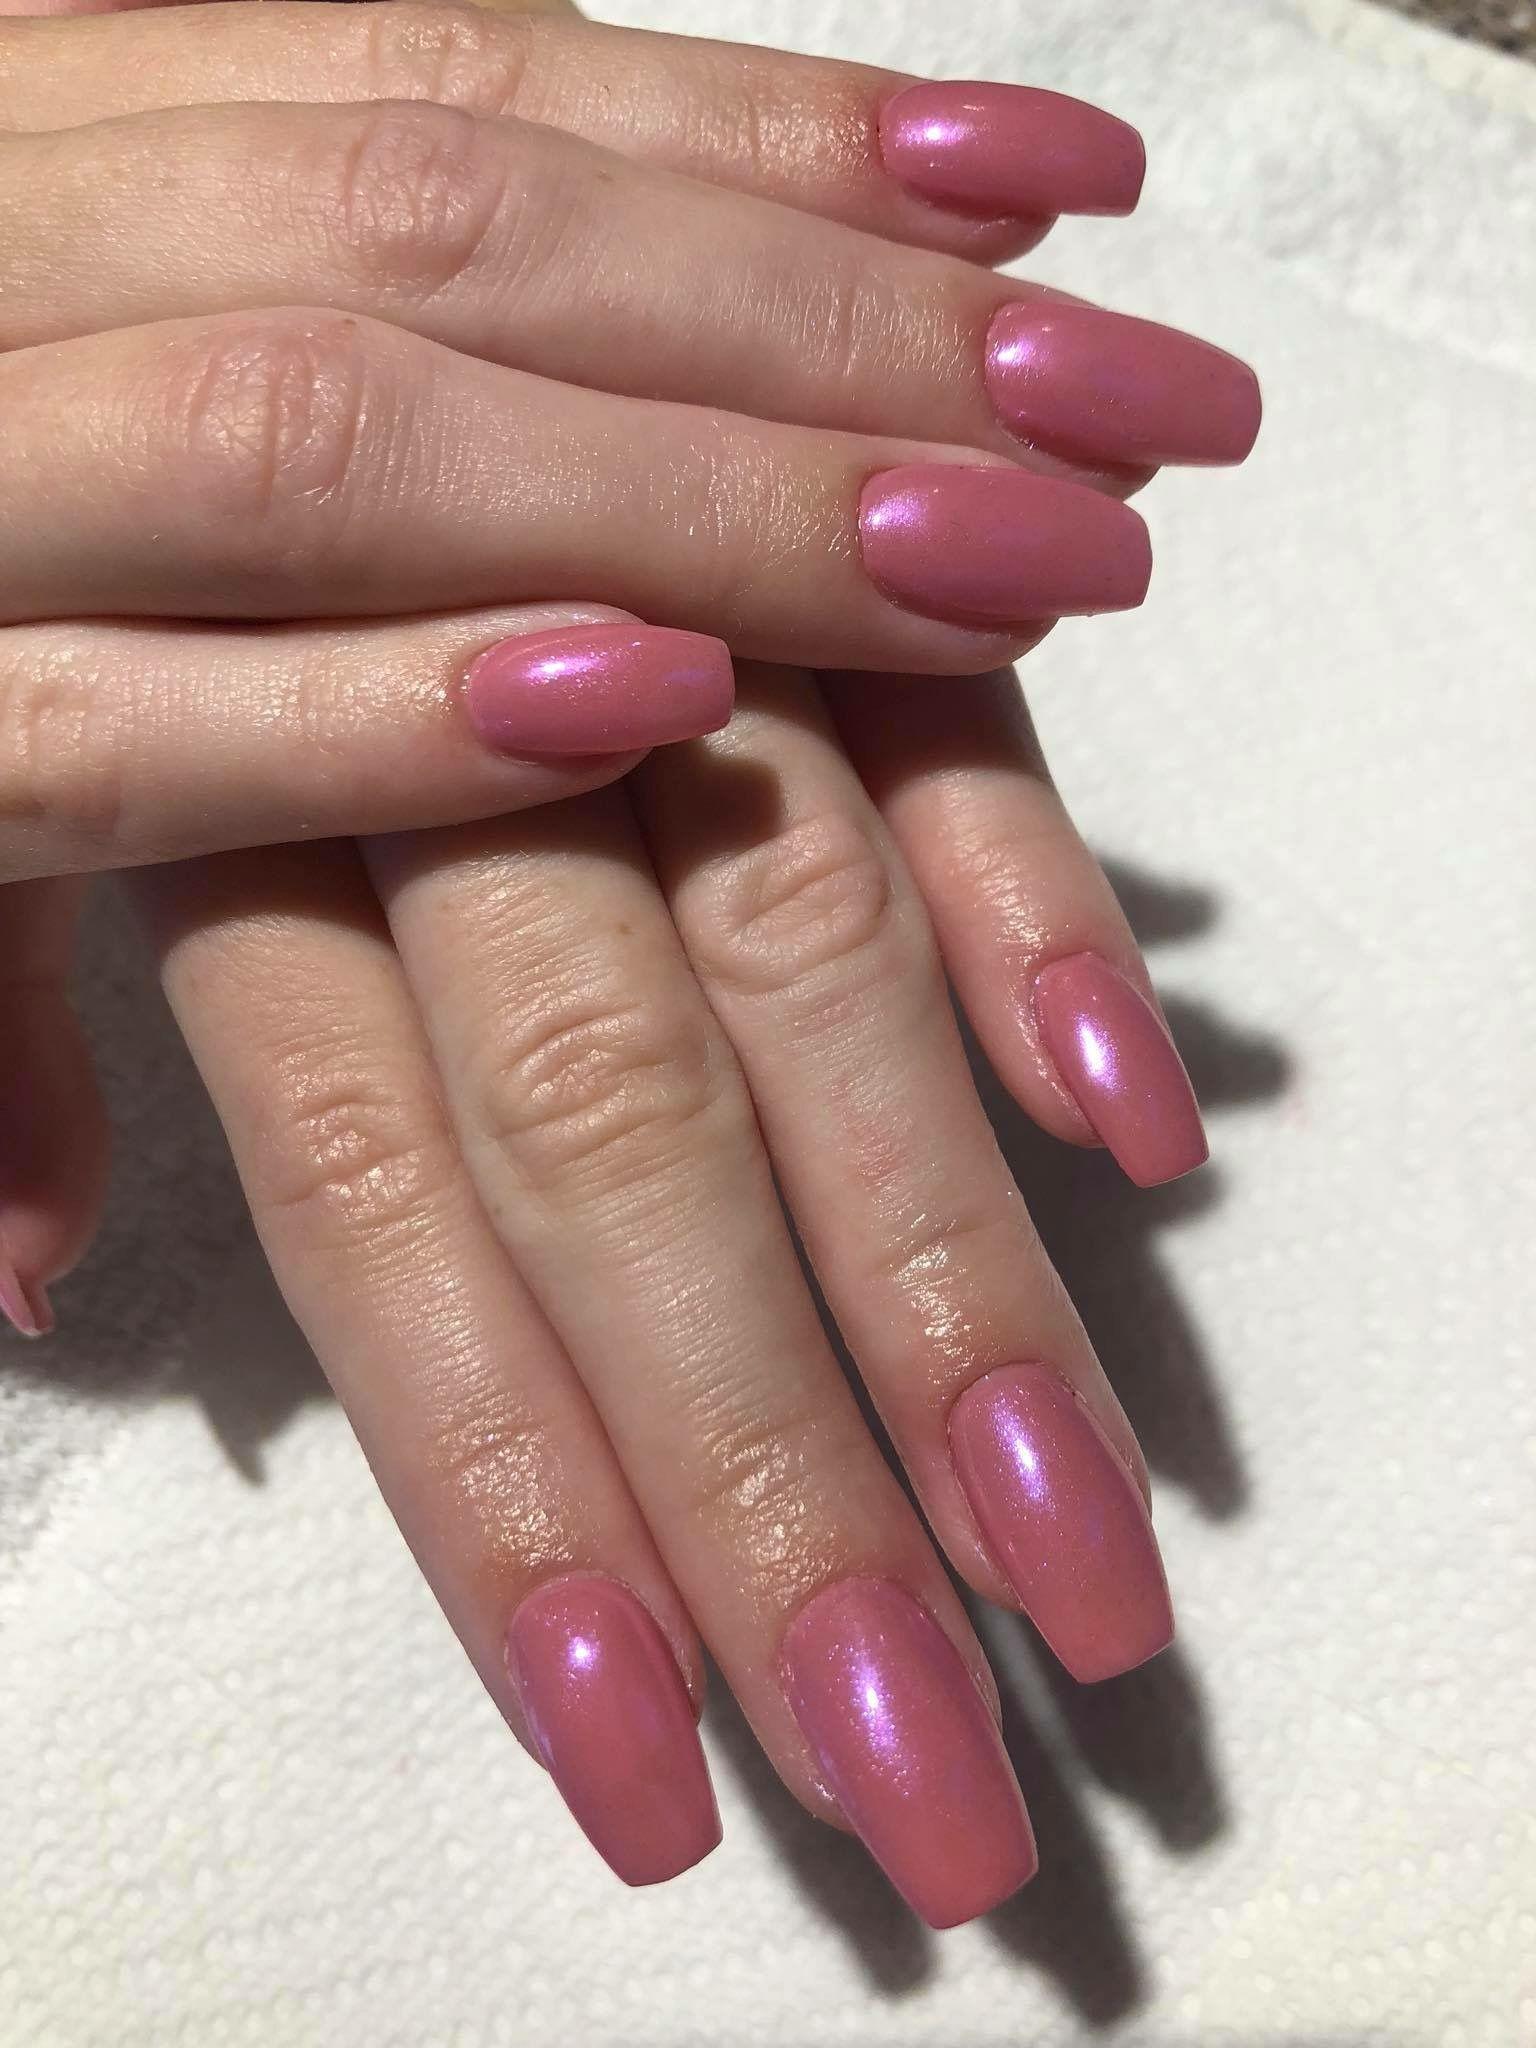 Strawberry Organic Nail&Spa Pink Crome Dip Powder | Nails | Powder ...